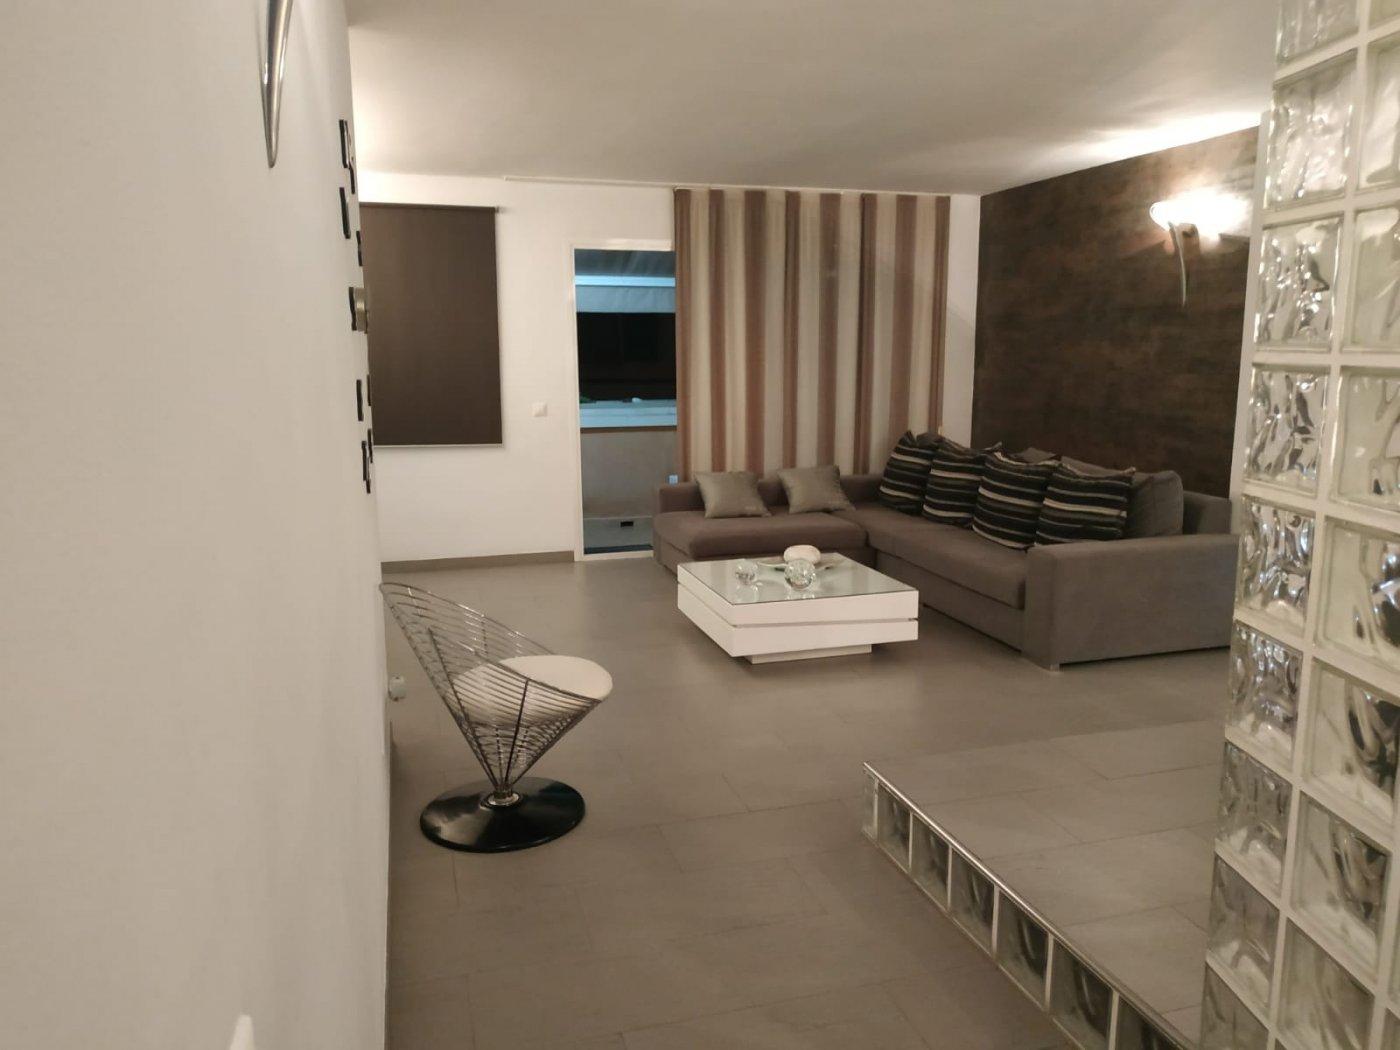 Se vende bonito apartamento semi nuevo con parking en andratx - imagenInmueble3